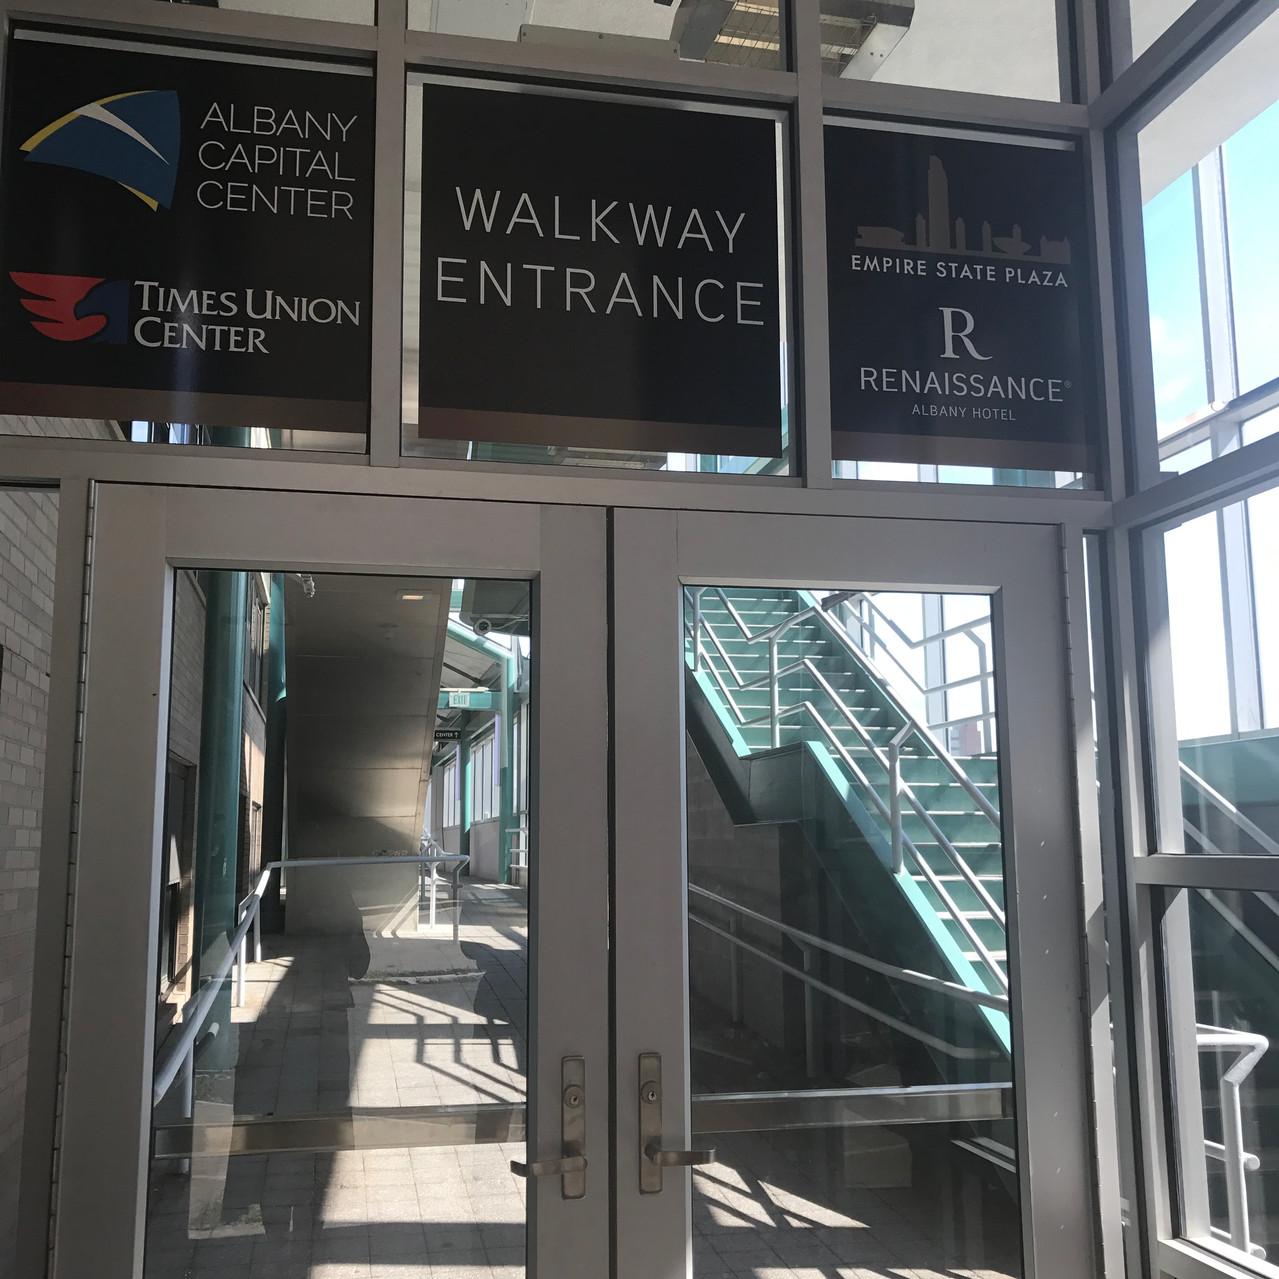 Eagle St. Entrance